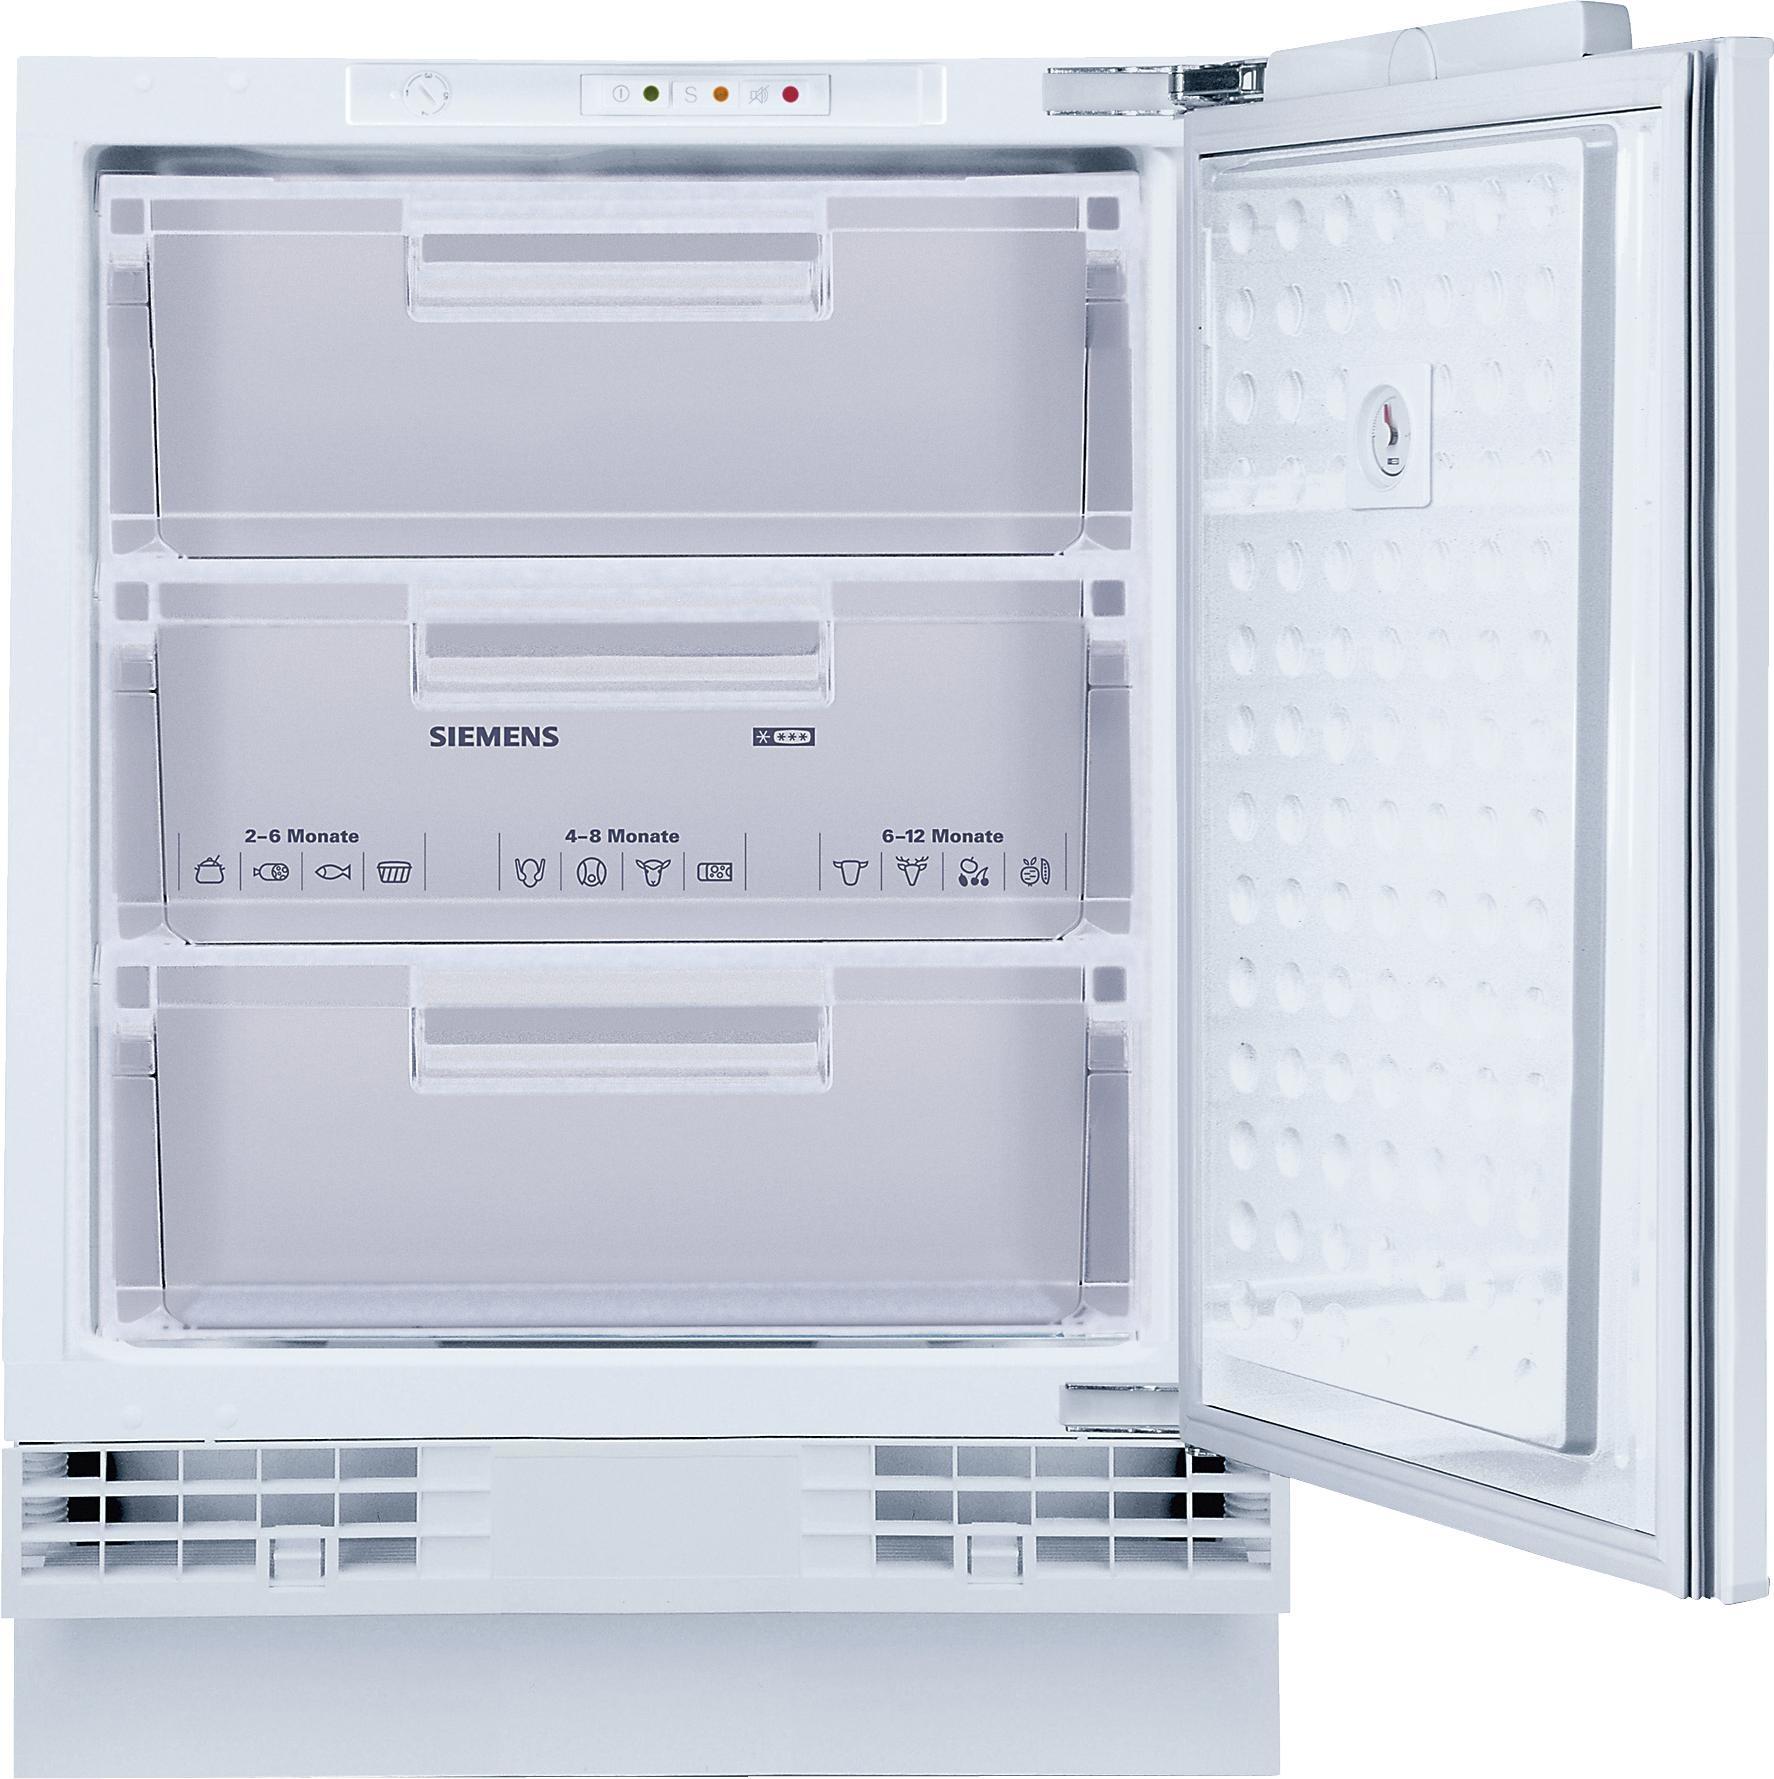 Siemens GU15DADF0 Inbouw vriezer - Prijsvergelijk